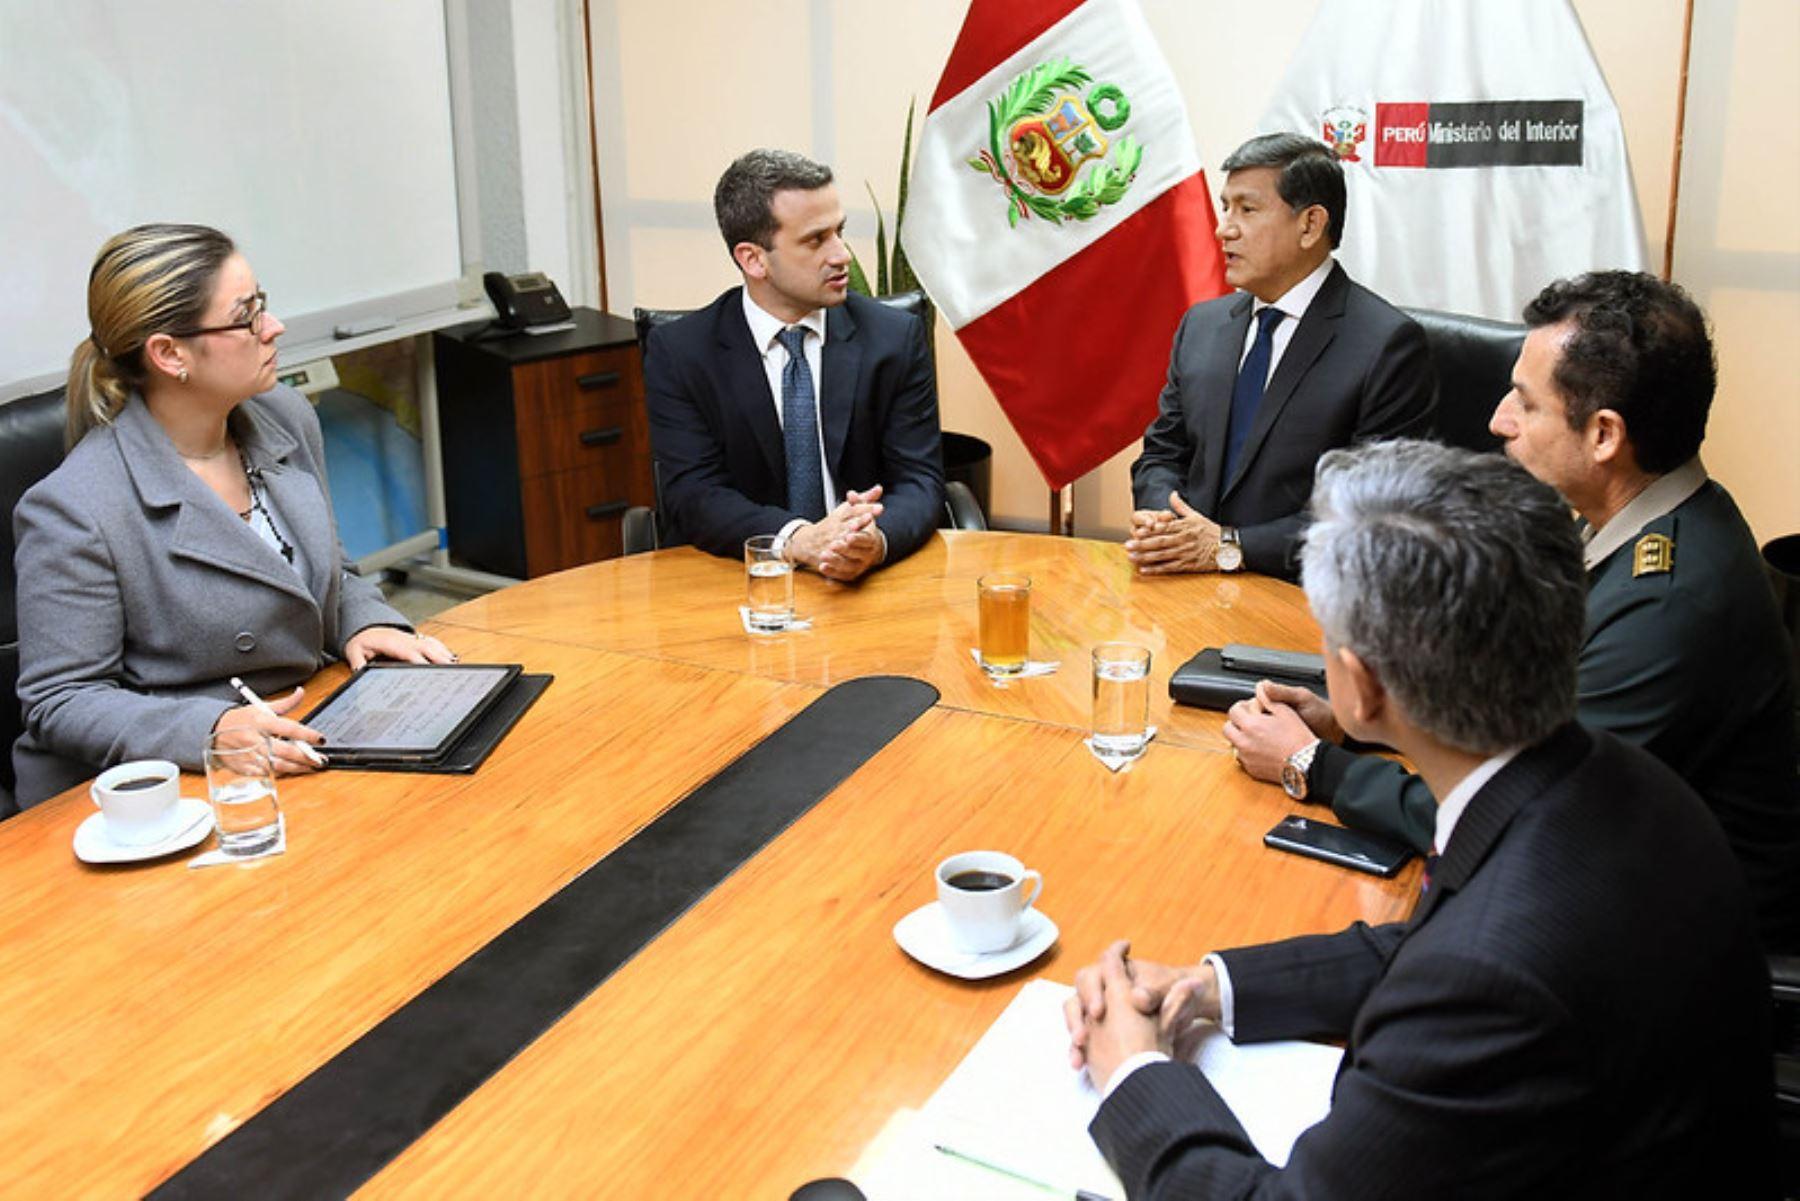 Titular del Interior se reunió con embajador de Venezuela y reafirmó que la lucha contra el crimen no distingue nacionalidad. Foto: Mininter